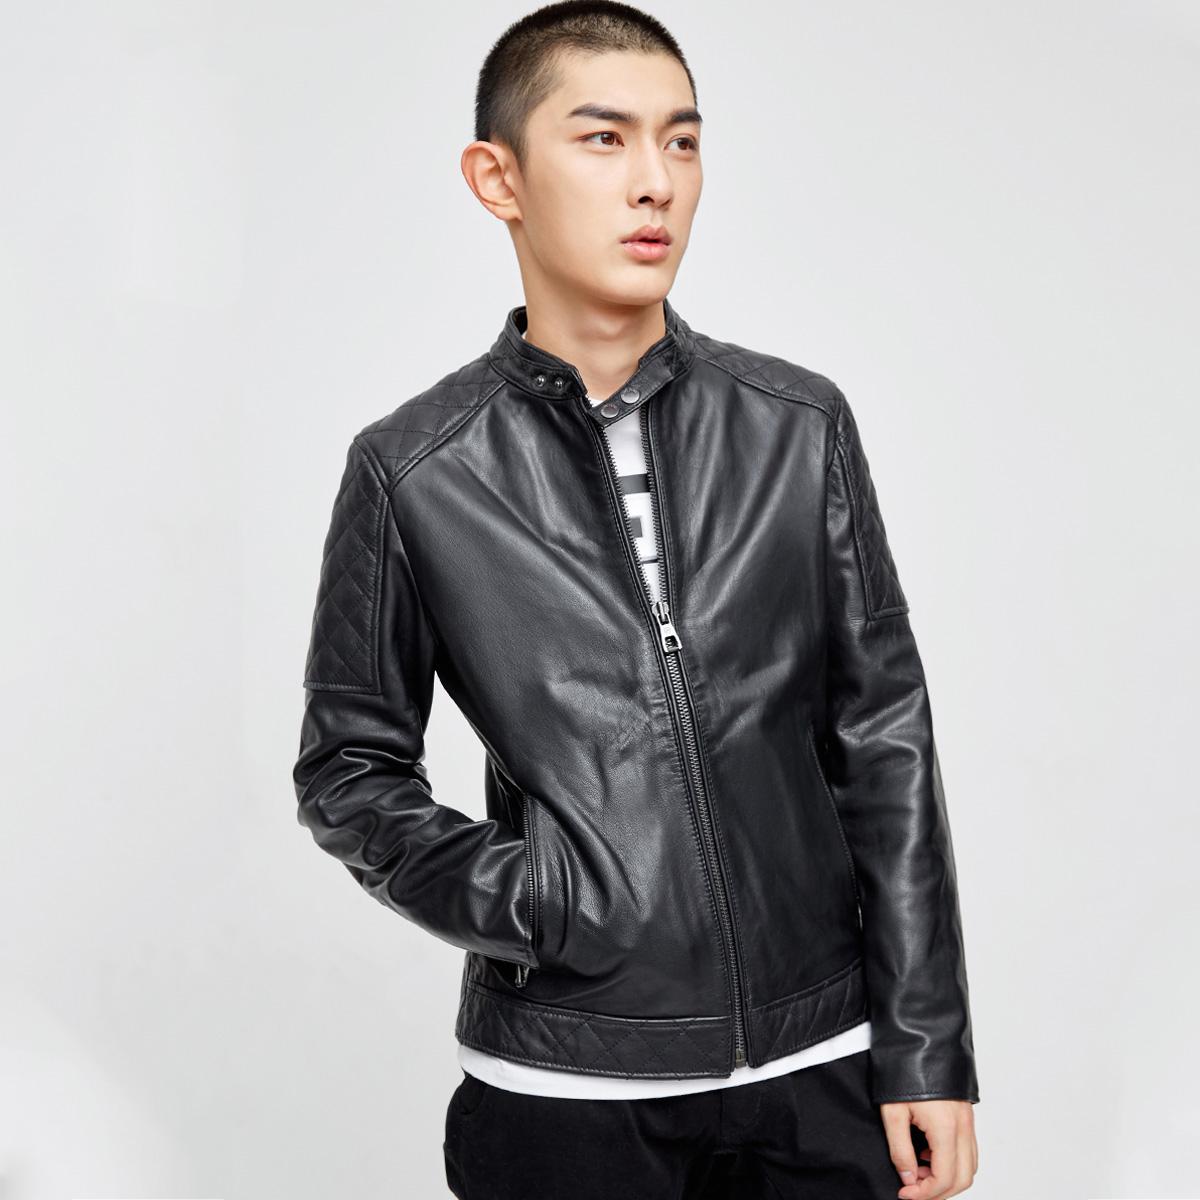 JackJones джек агат этот козлина мужской одежды локомотив куртка O|217110501